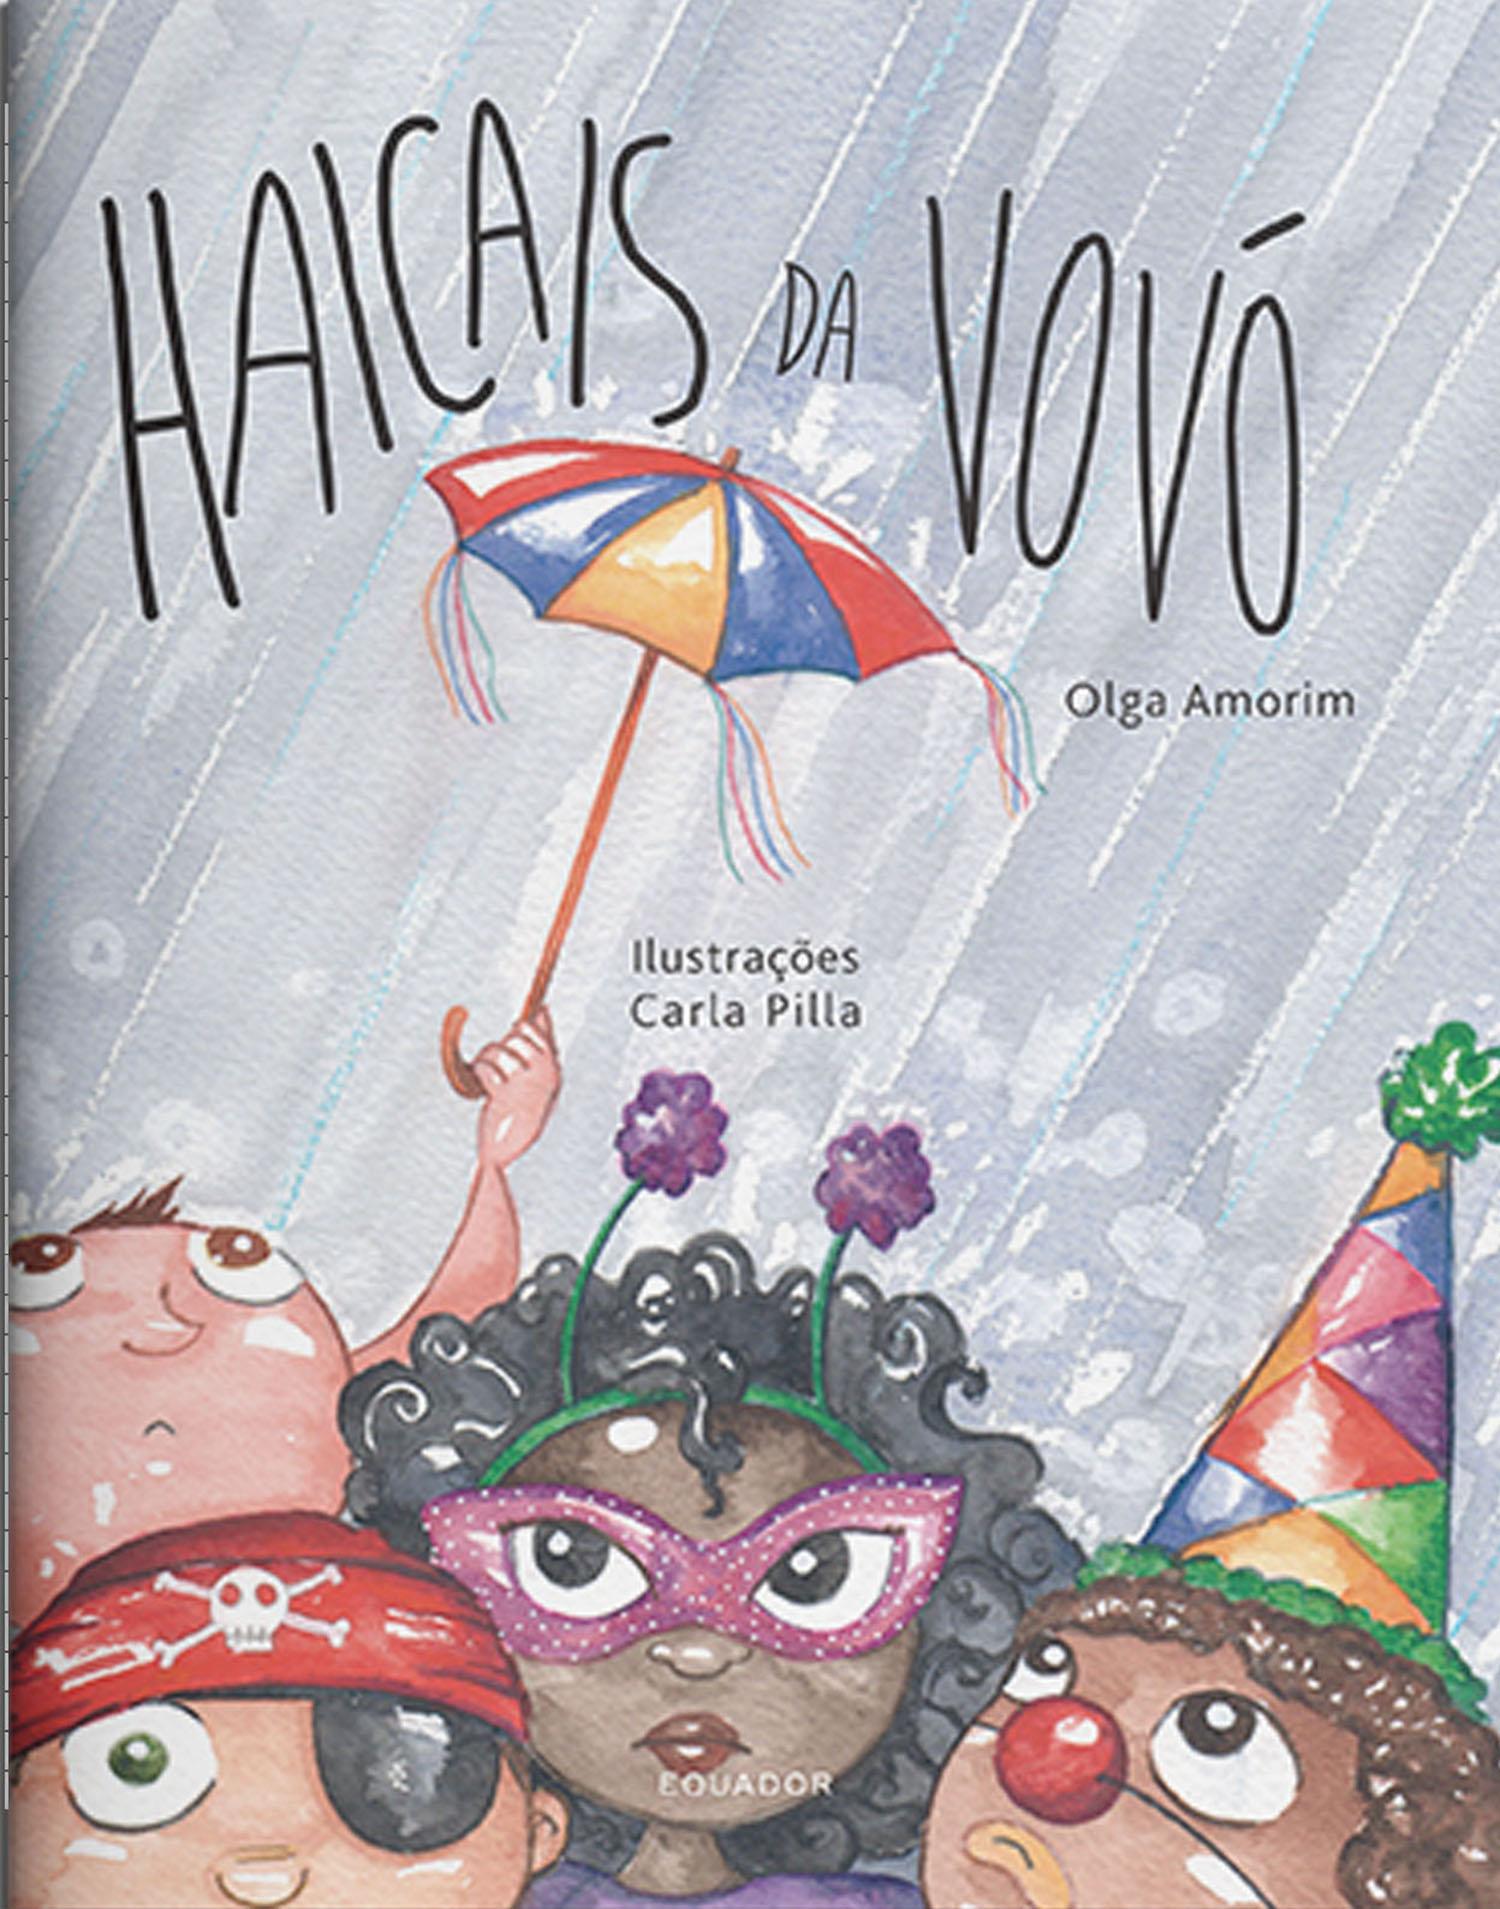 Haicais da Vovó   Olga Amorim R$ 25,00